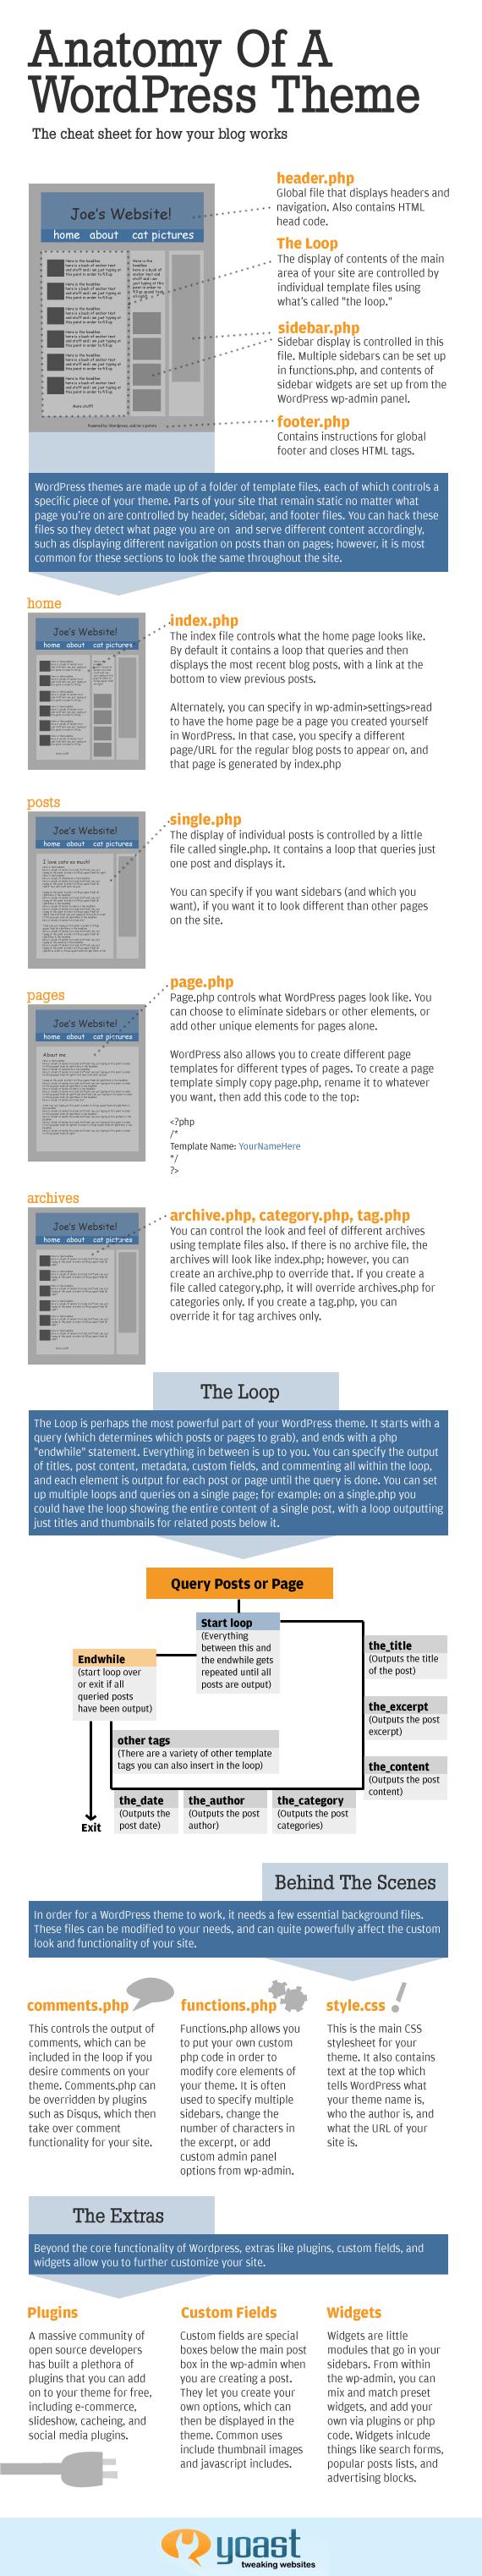 深度剖析wordpress主题结构 - 叶 - 驿站